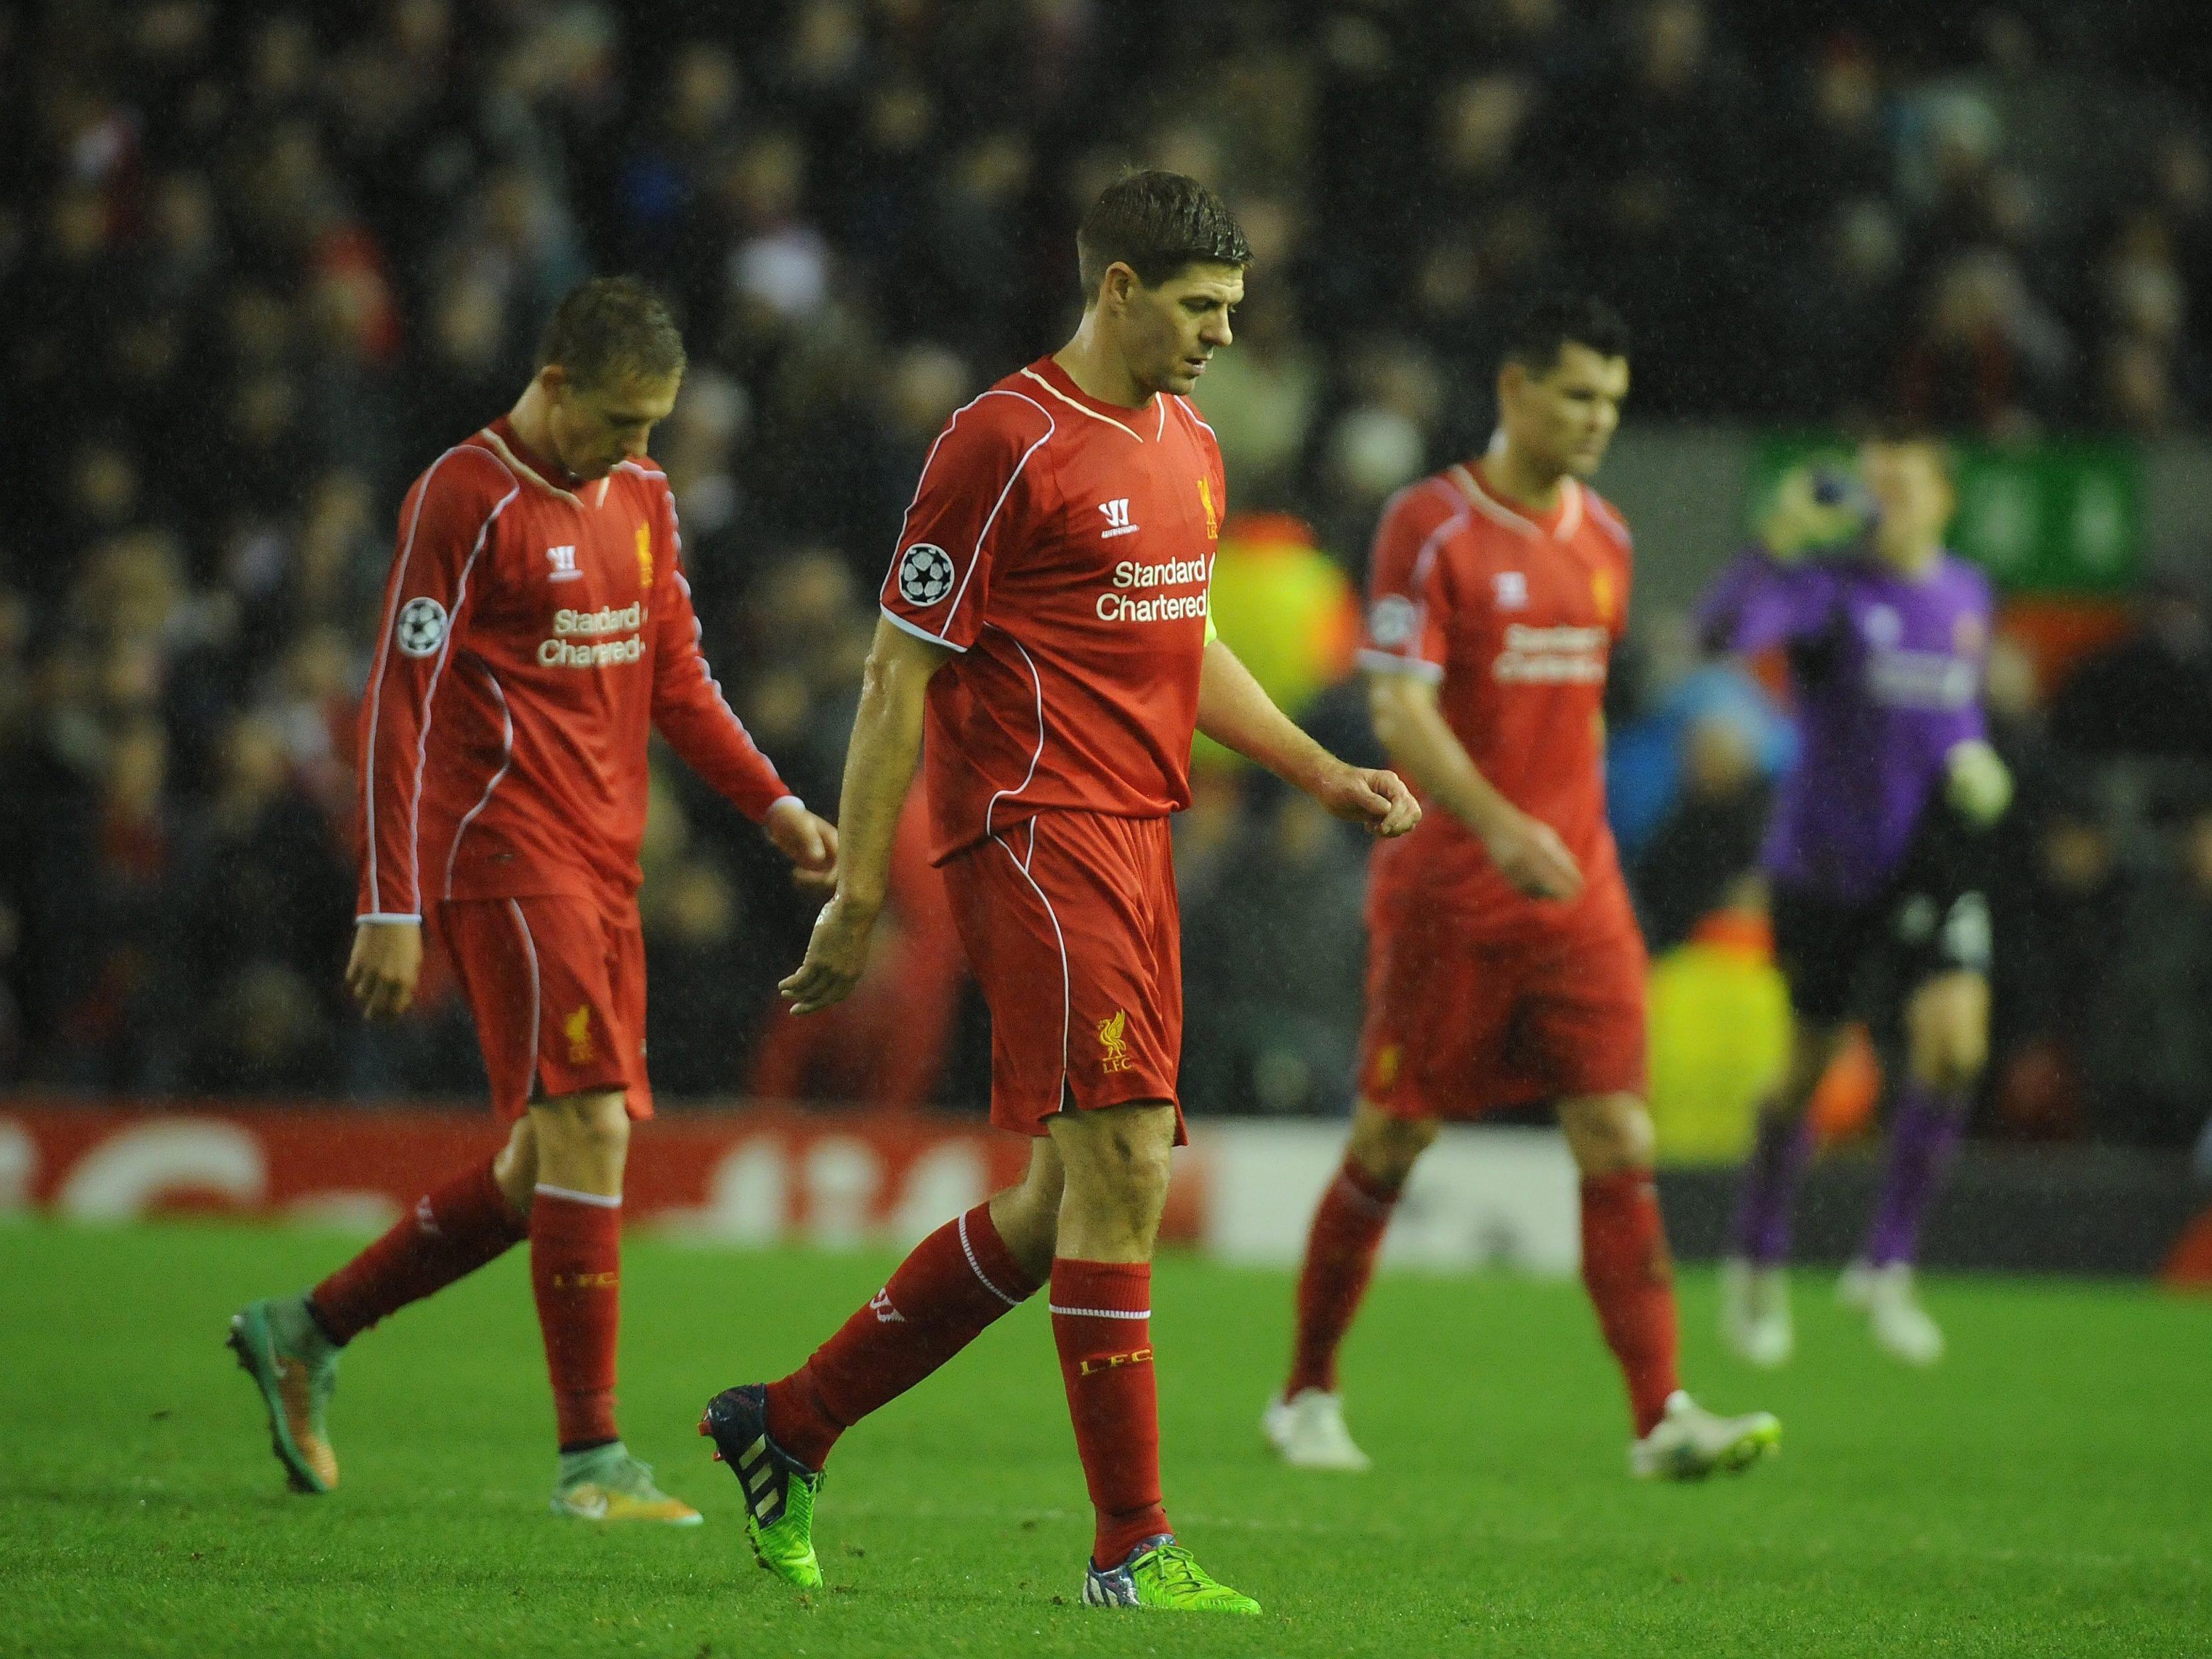 Der FC Liverpool um Steven Gerrard muss im Frühjahr in die Europa League.